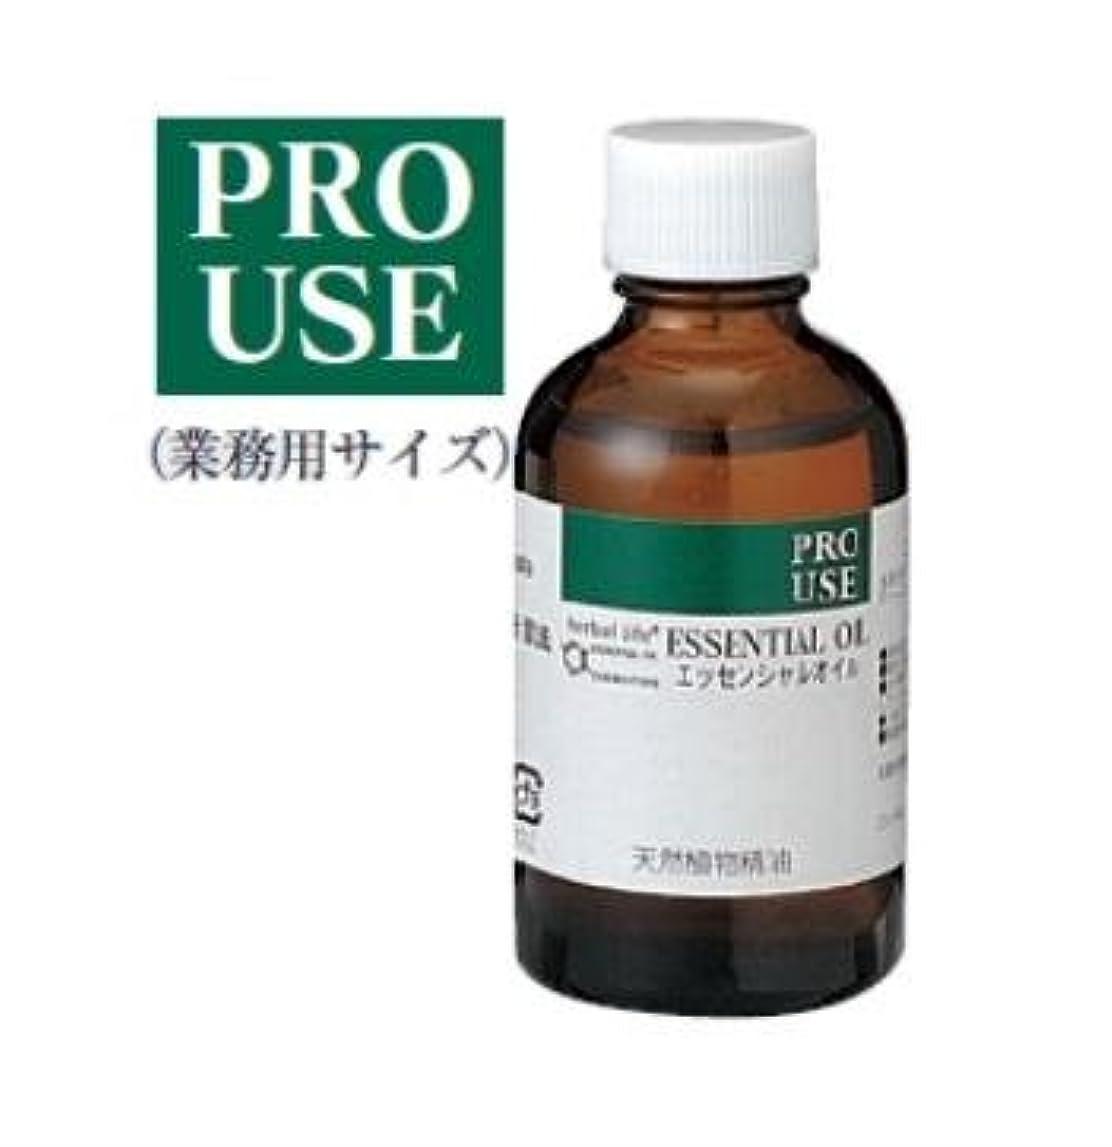 広々禁止ジョイント生活の木 エッセンシャルオイル フランキンセンス (オリバナム/乳香) 精油 50ml アロマオイル アロマ